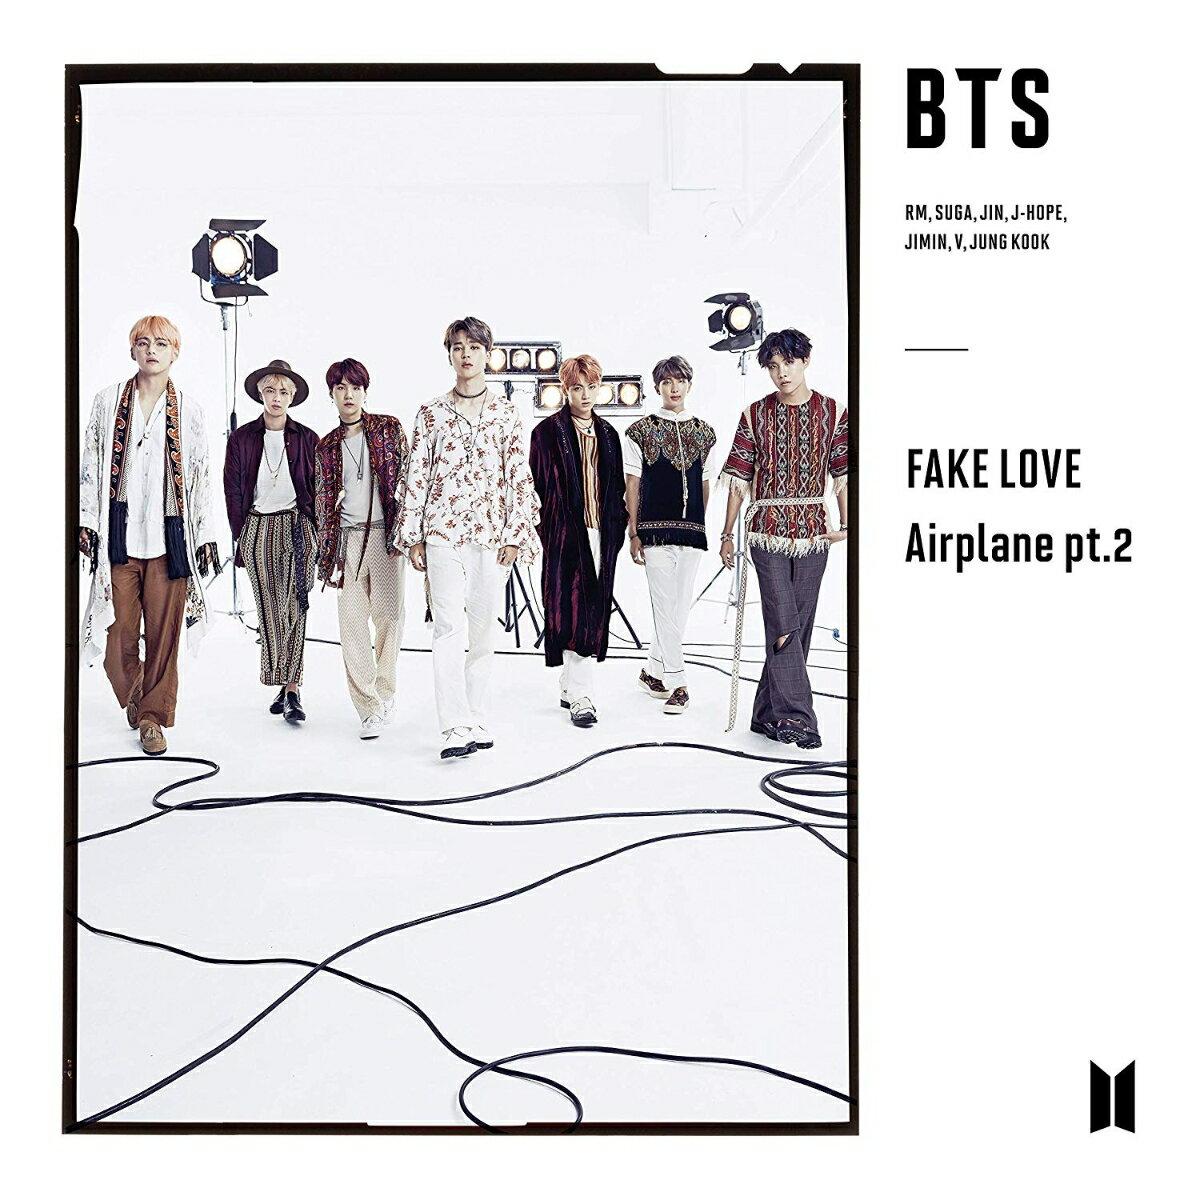 FAKE LOVE / Airplane pt.2 (初回限定盤C CD+フォトブックレット) [ BTS(防弾少年団) ]